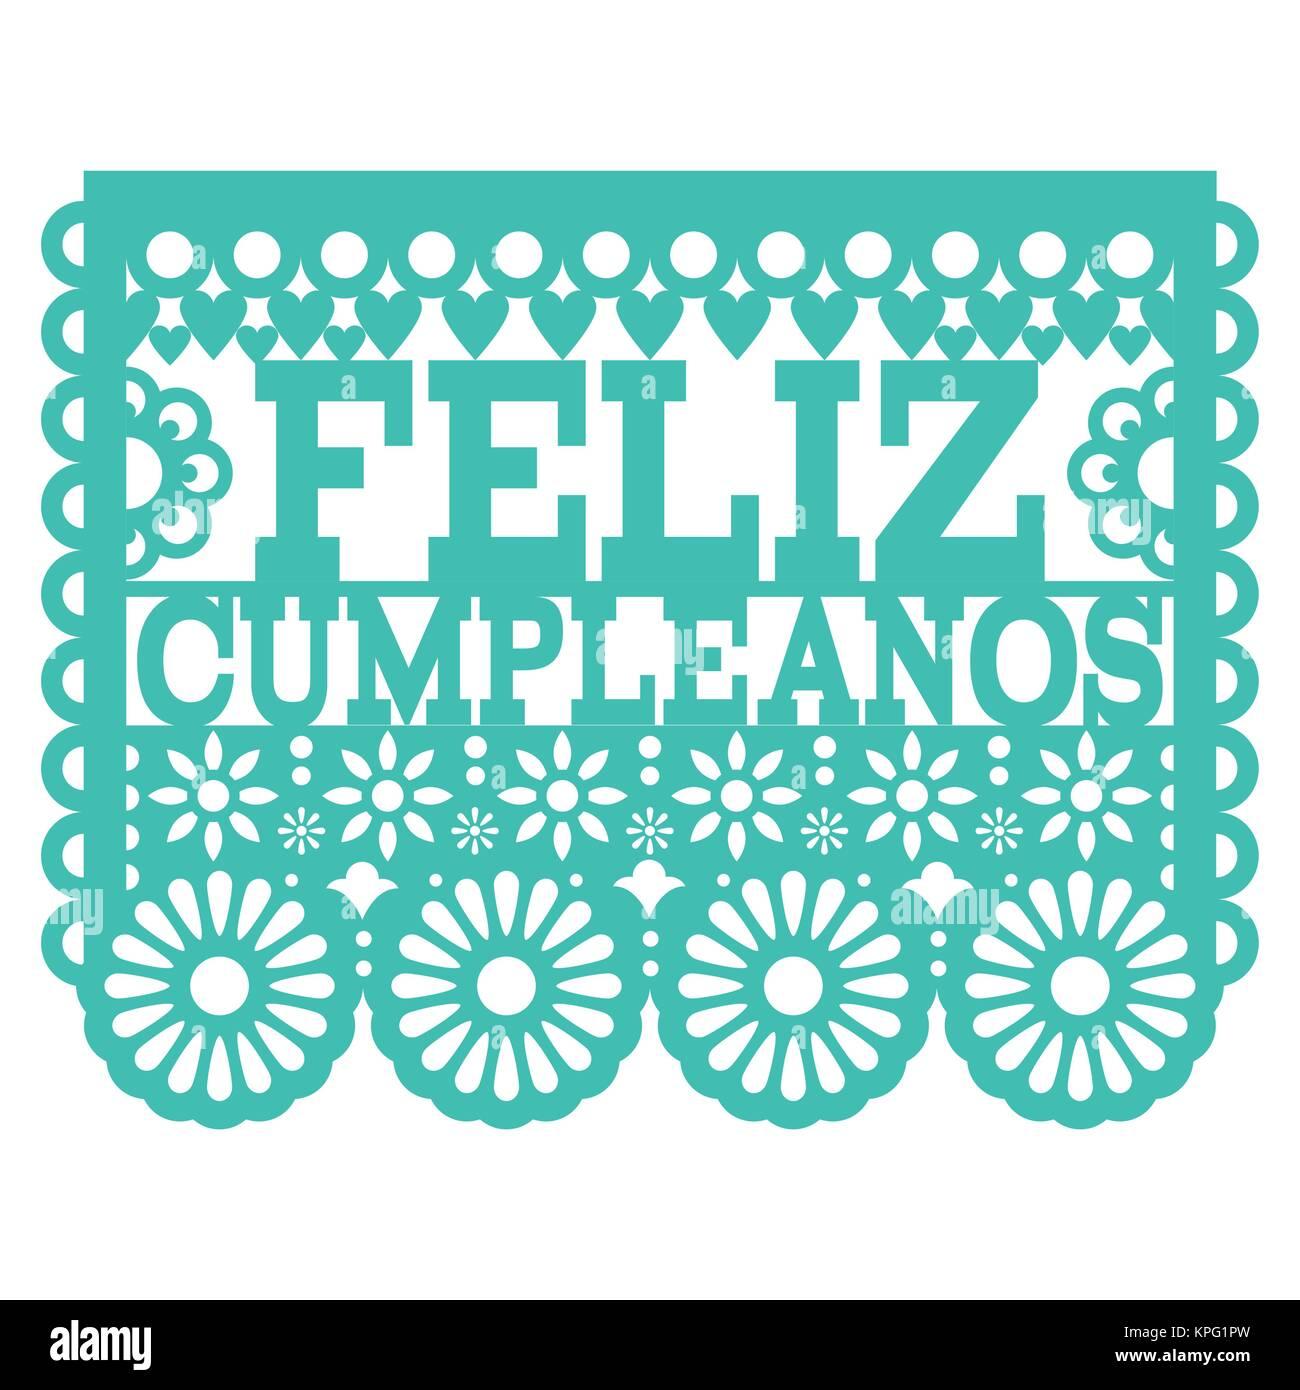 Feliz Cumpleanos Papel Picado Vector Design Mexican Folk Art Happy